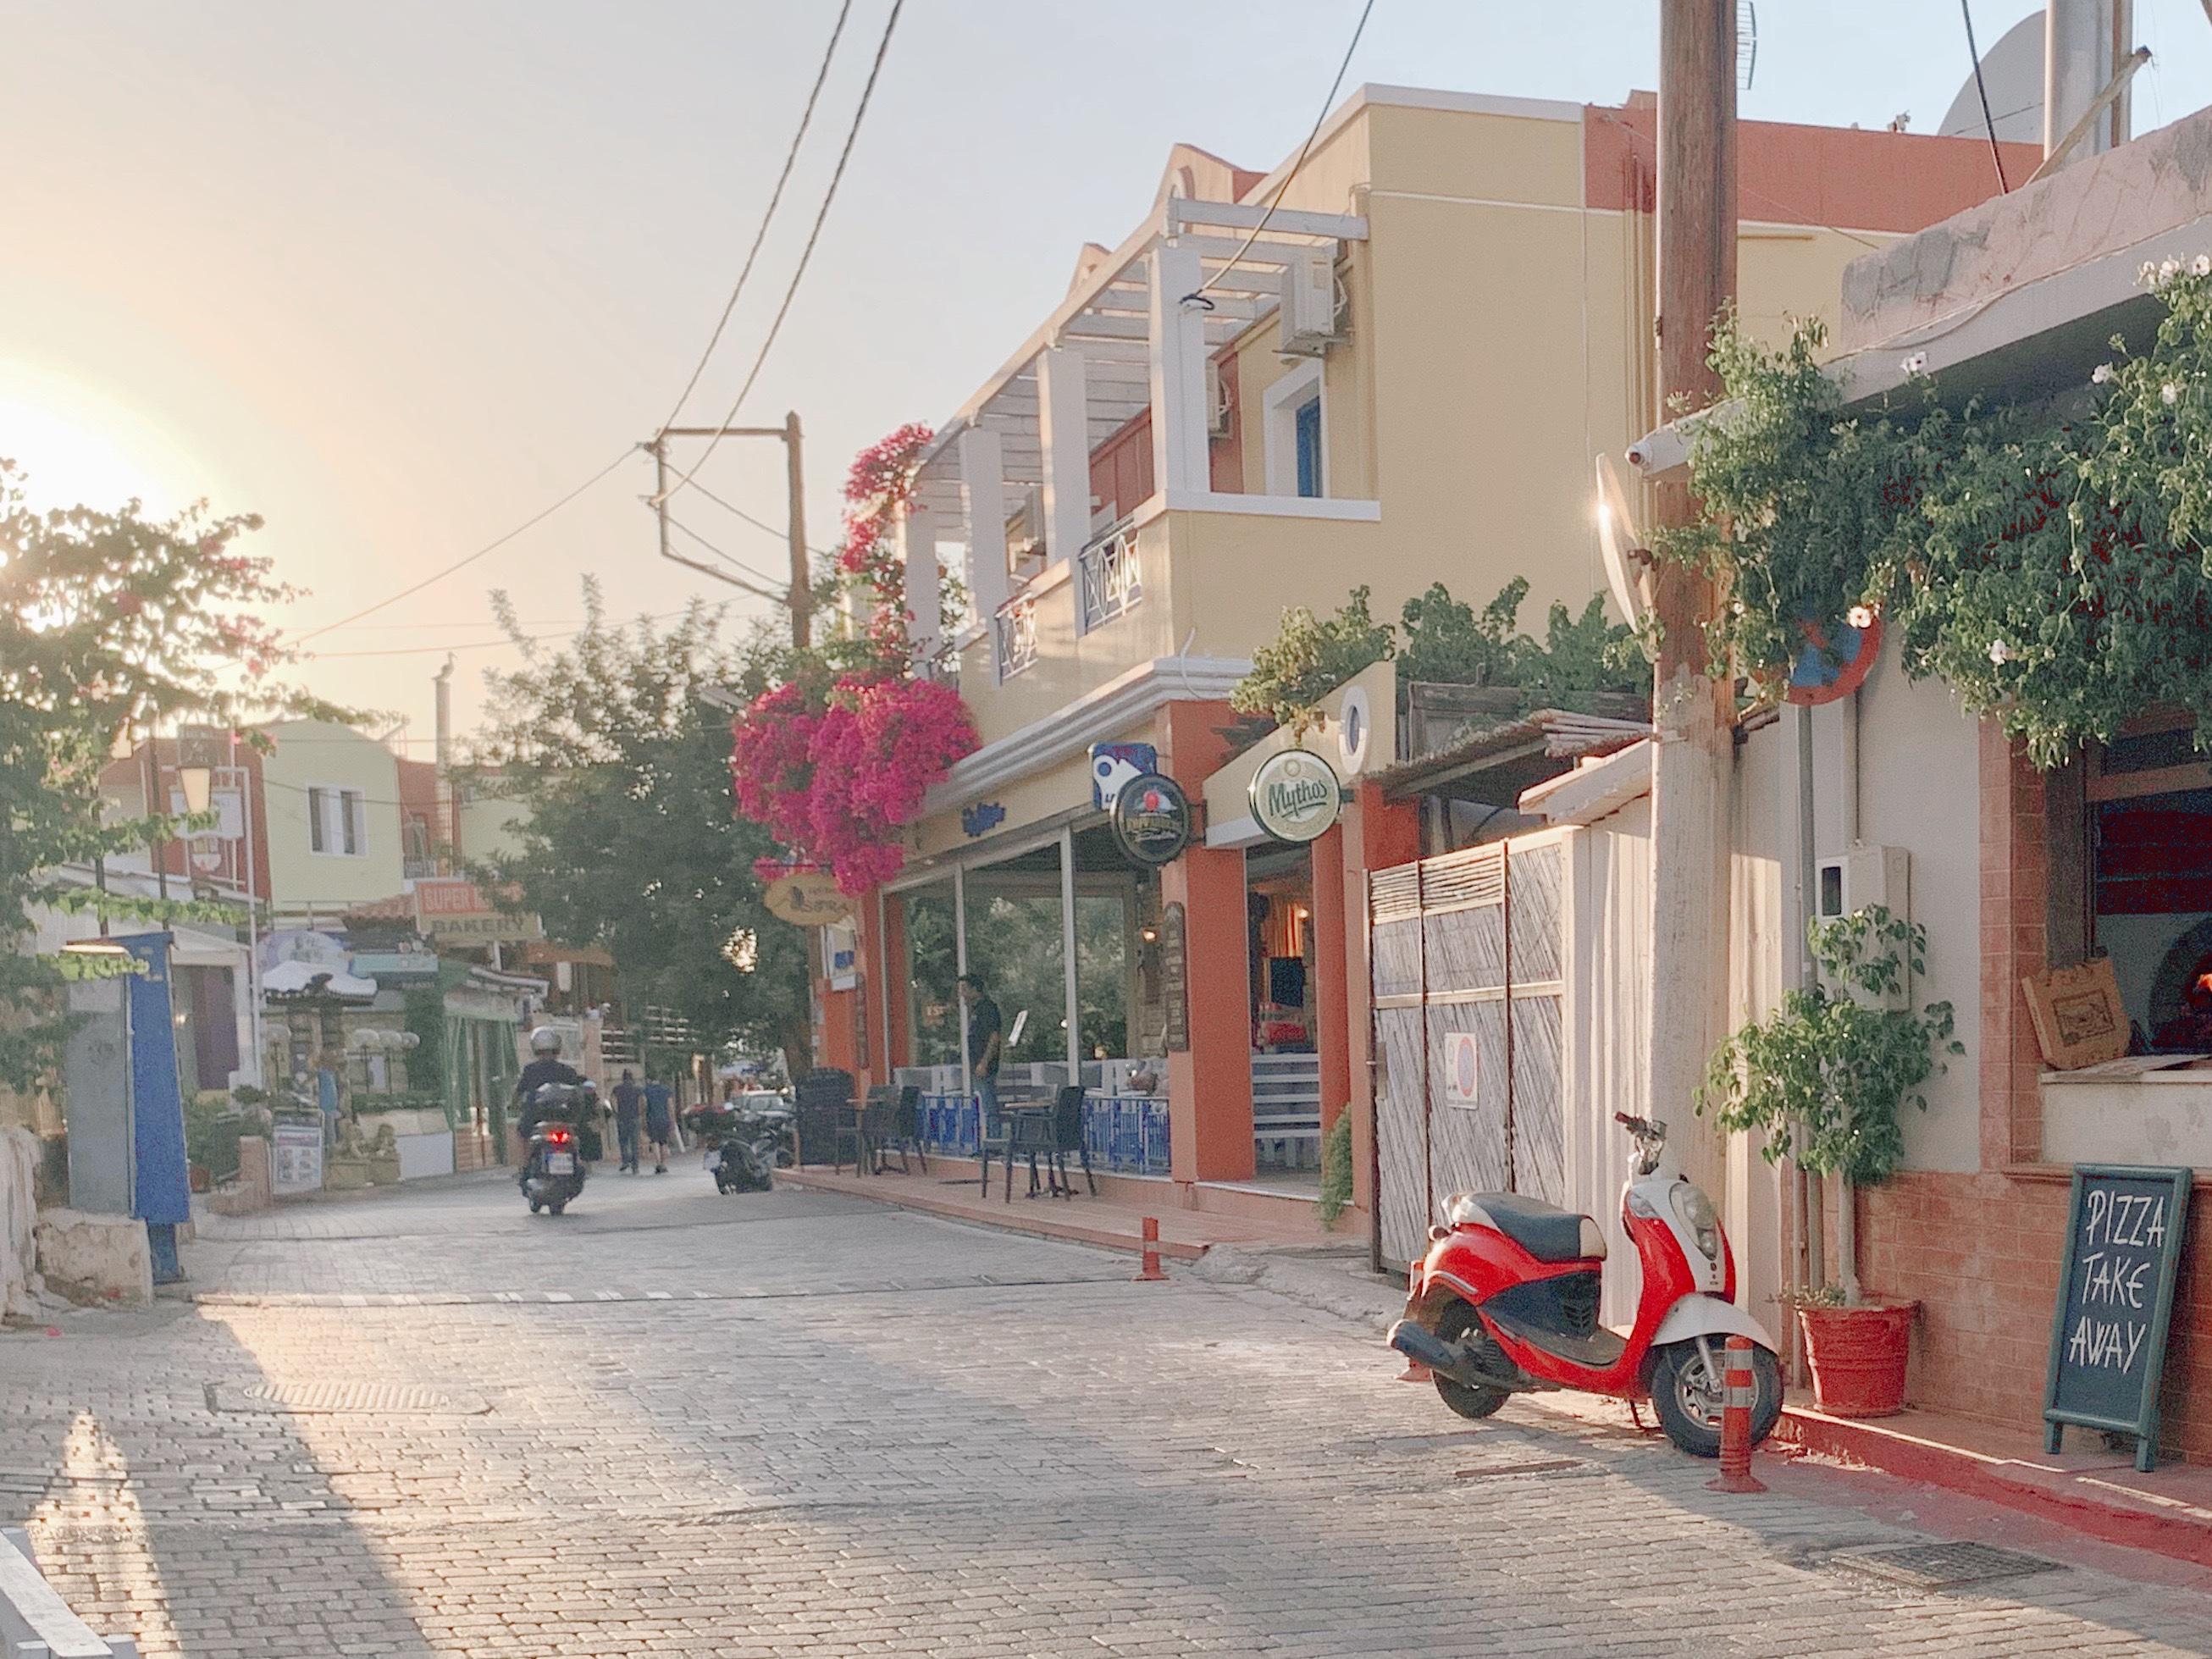 acs 0141 - Crete, Greece